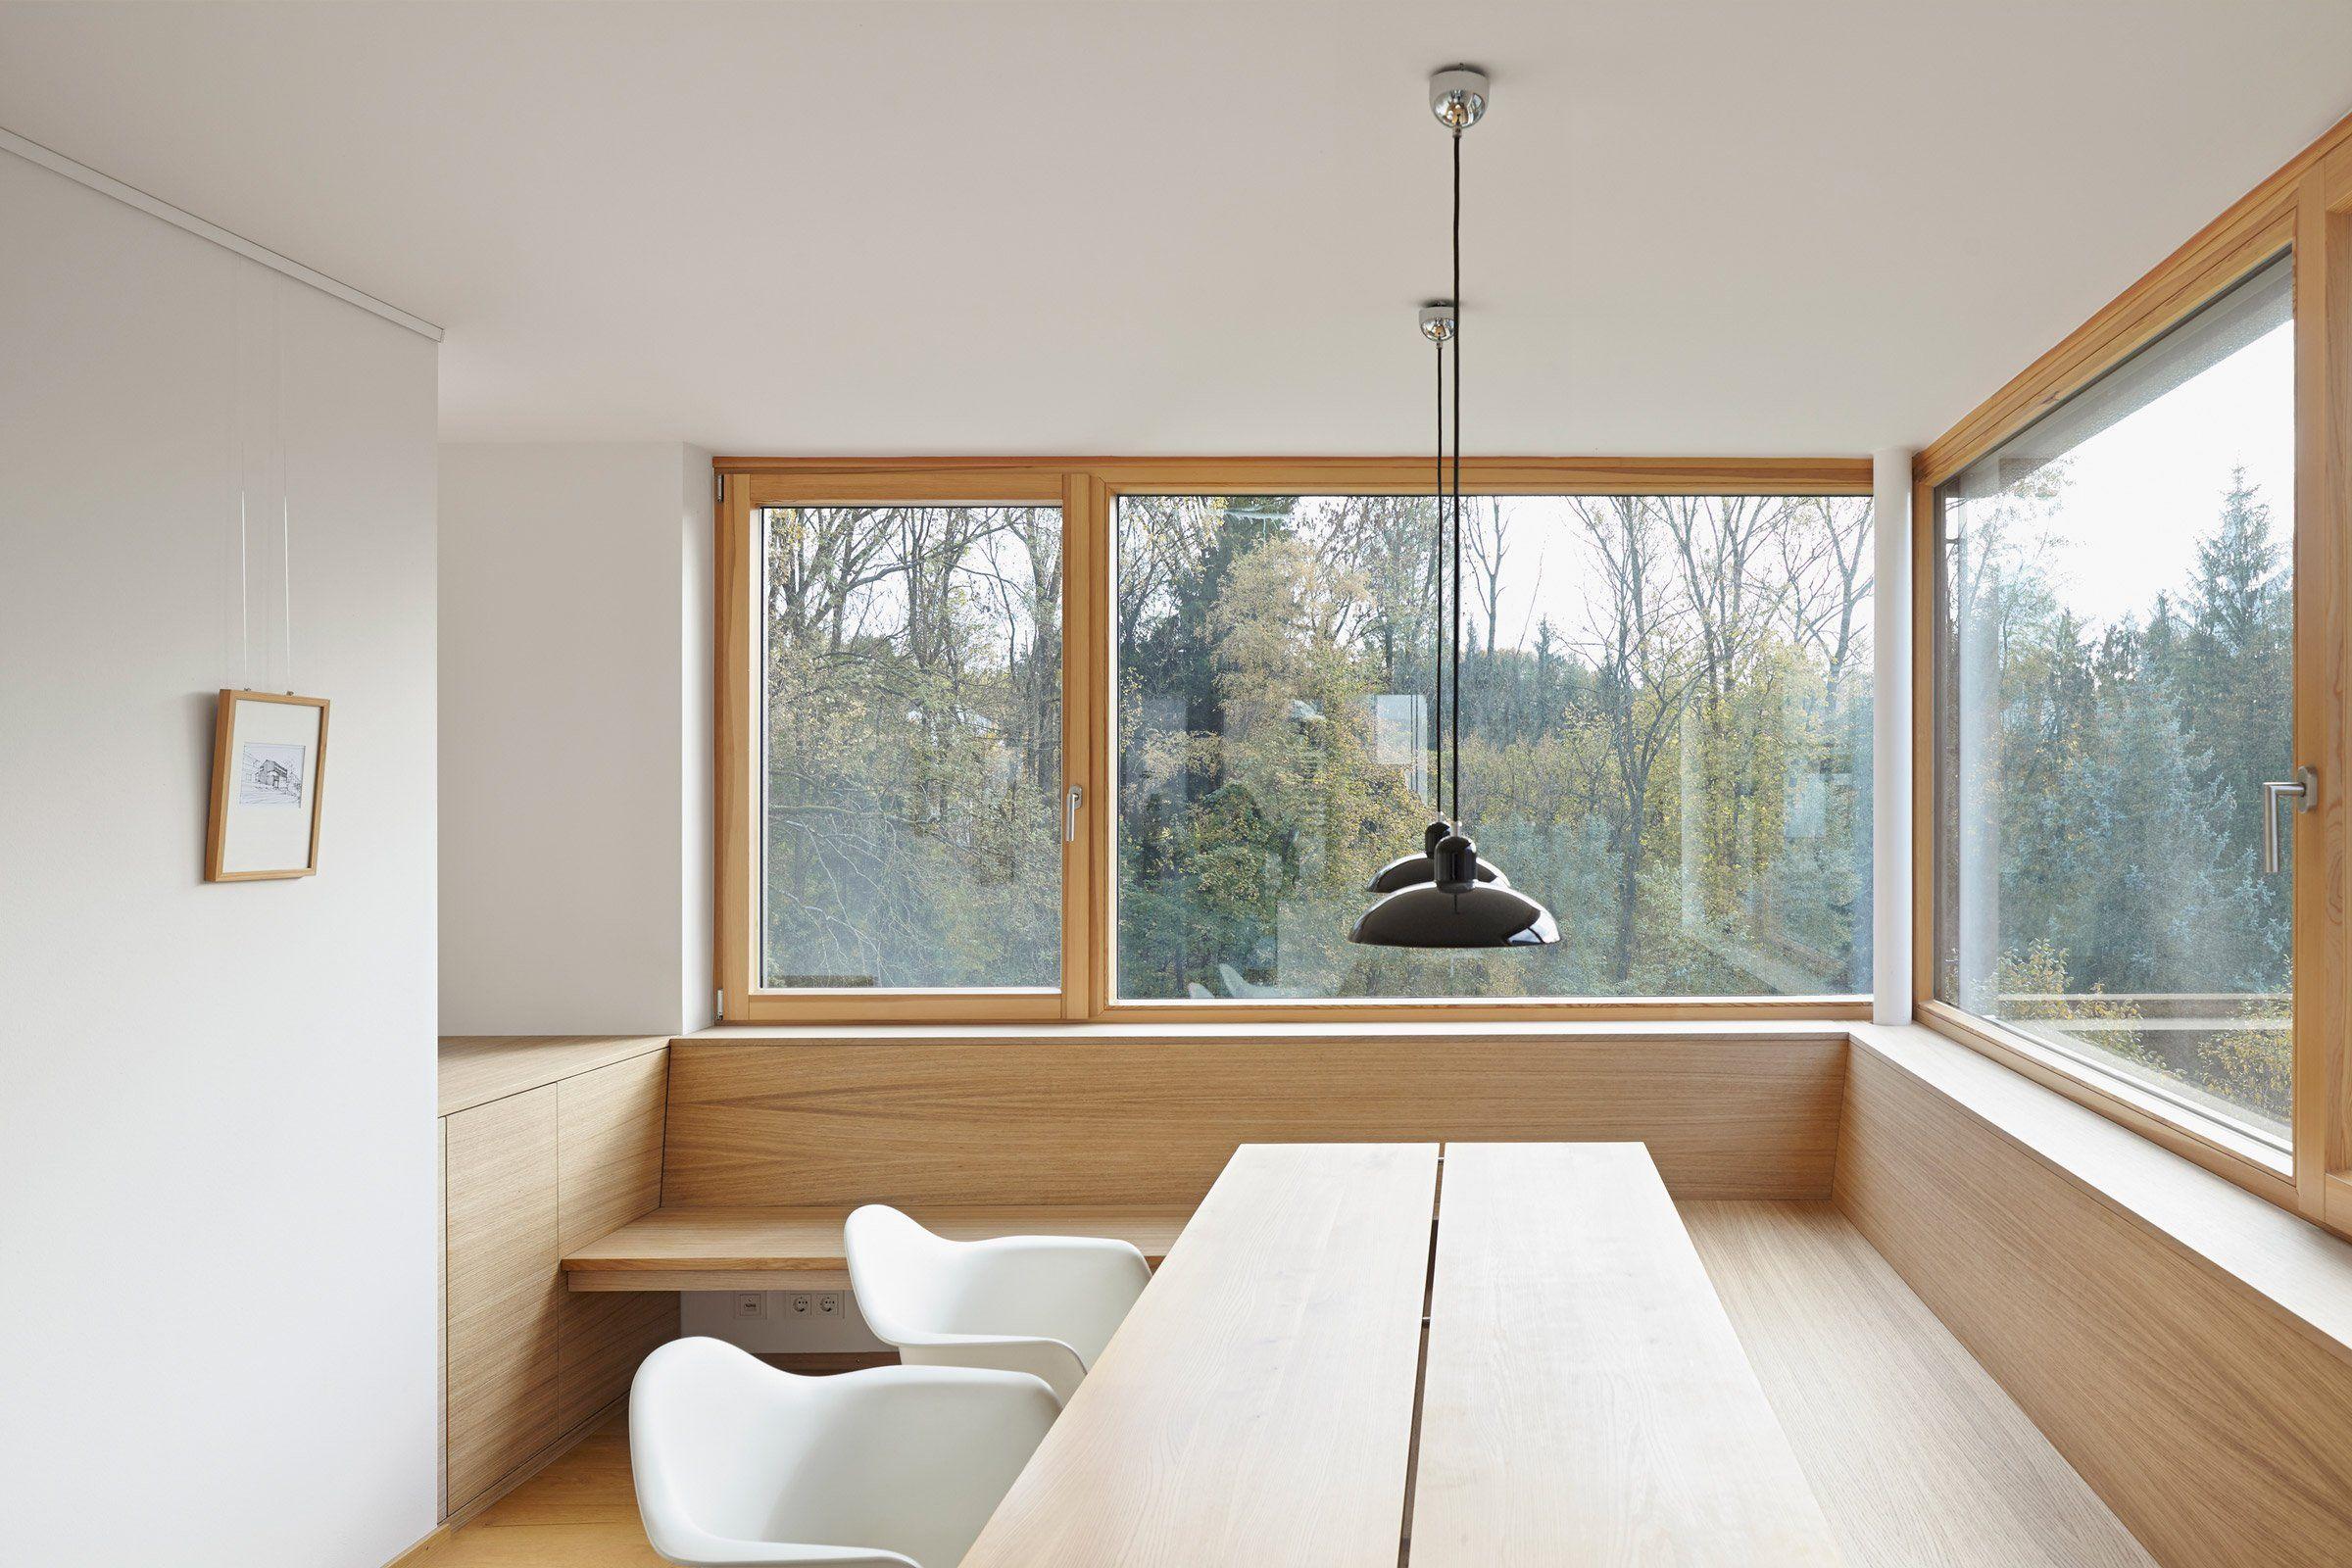 Wohnhaus Neuenstein 1   Mattes Riglewski Architekten